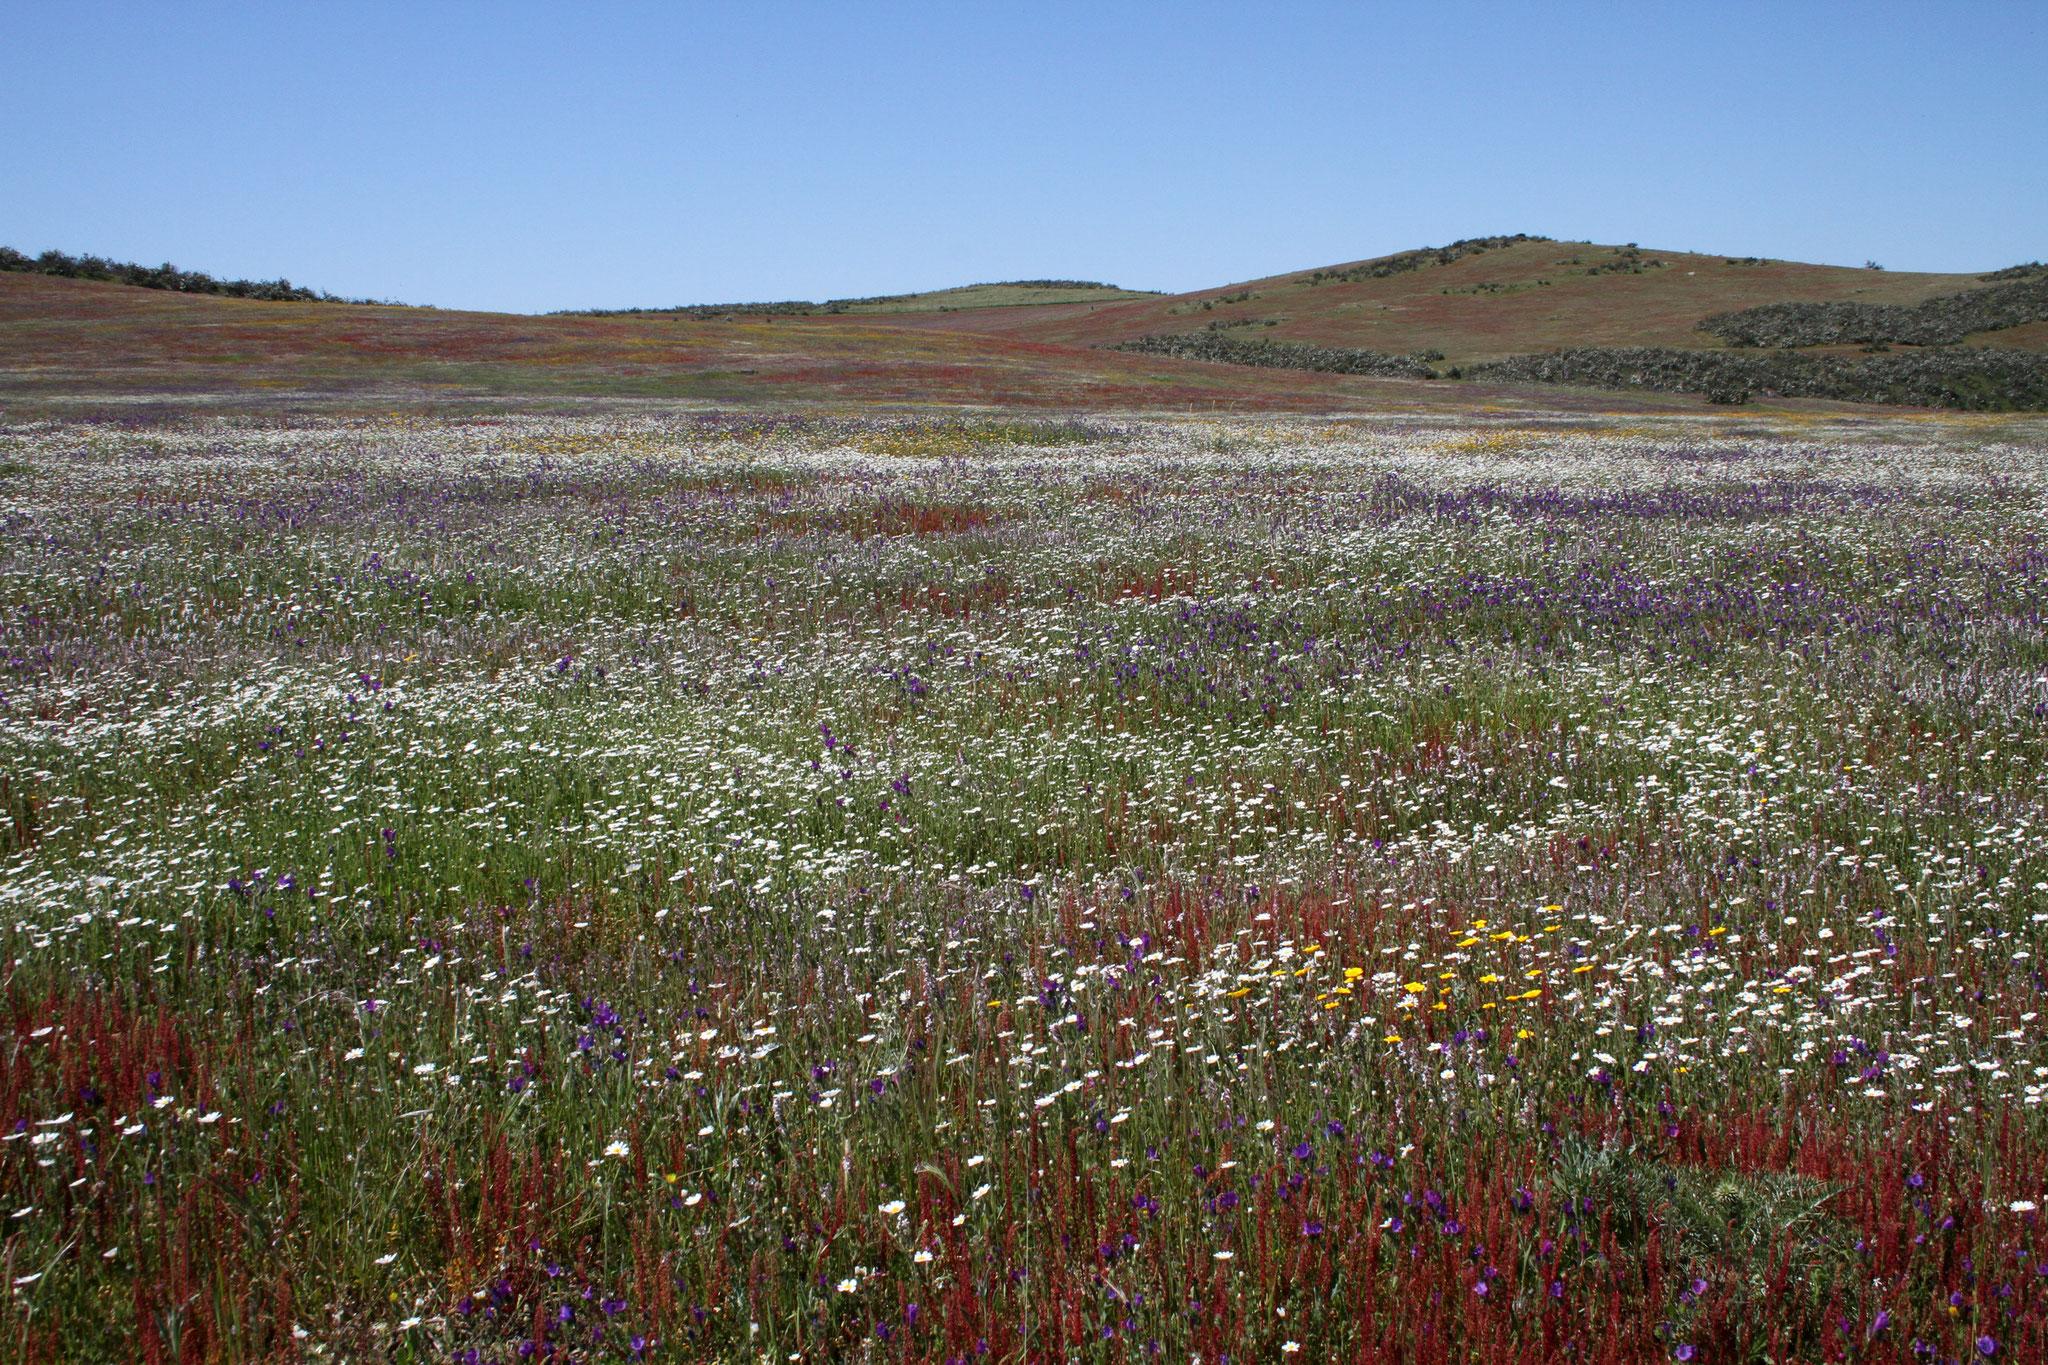 Die Grassteppe rund um Castro Verde steht zu dieser Zeit in voller Blüte